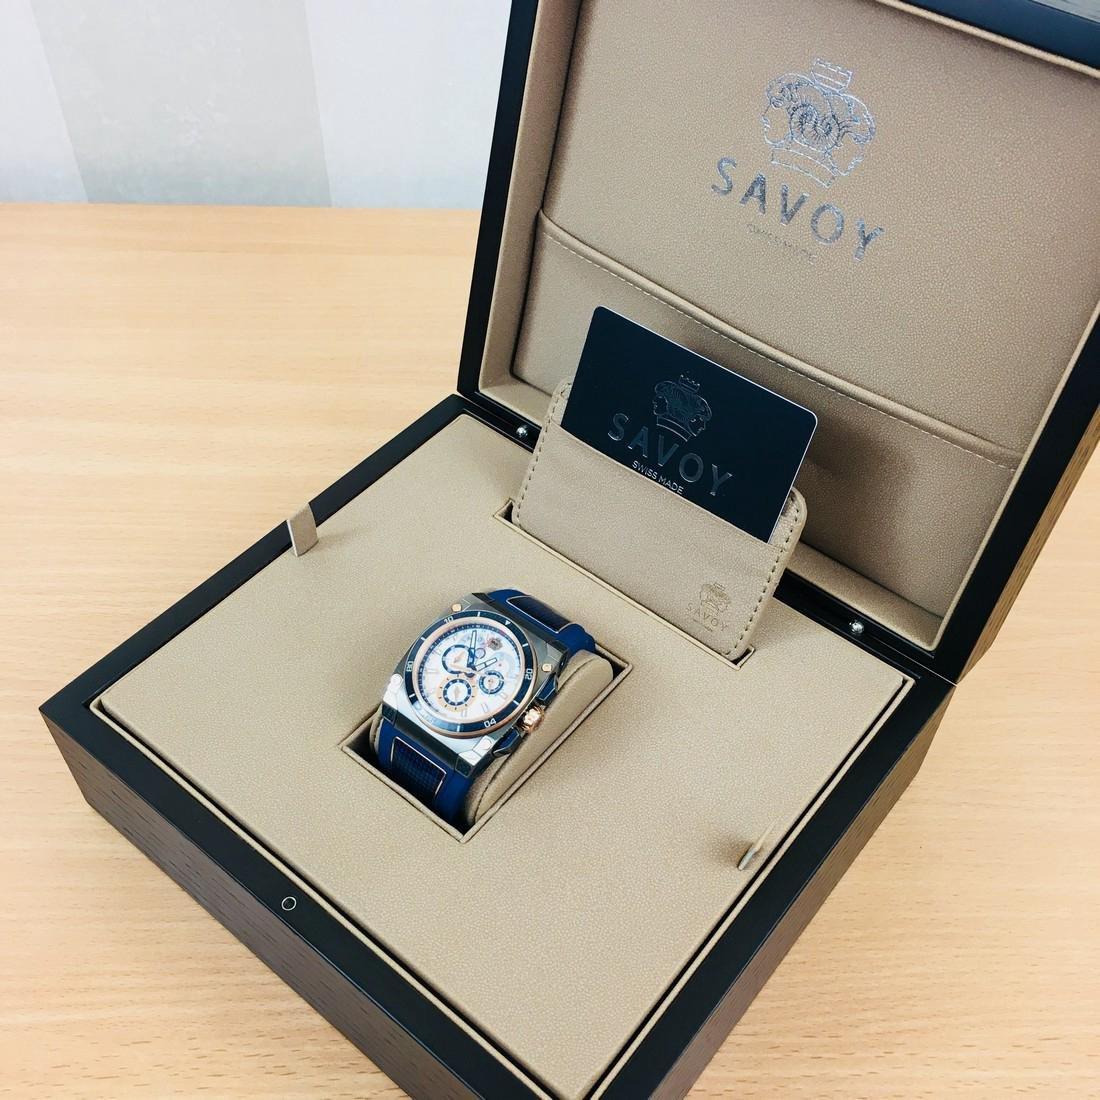 Savoy Titanium Carbon Swiss Made Luxury Watch - 9